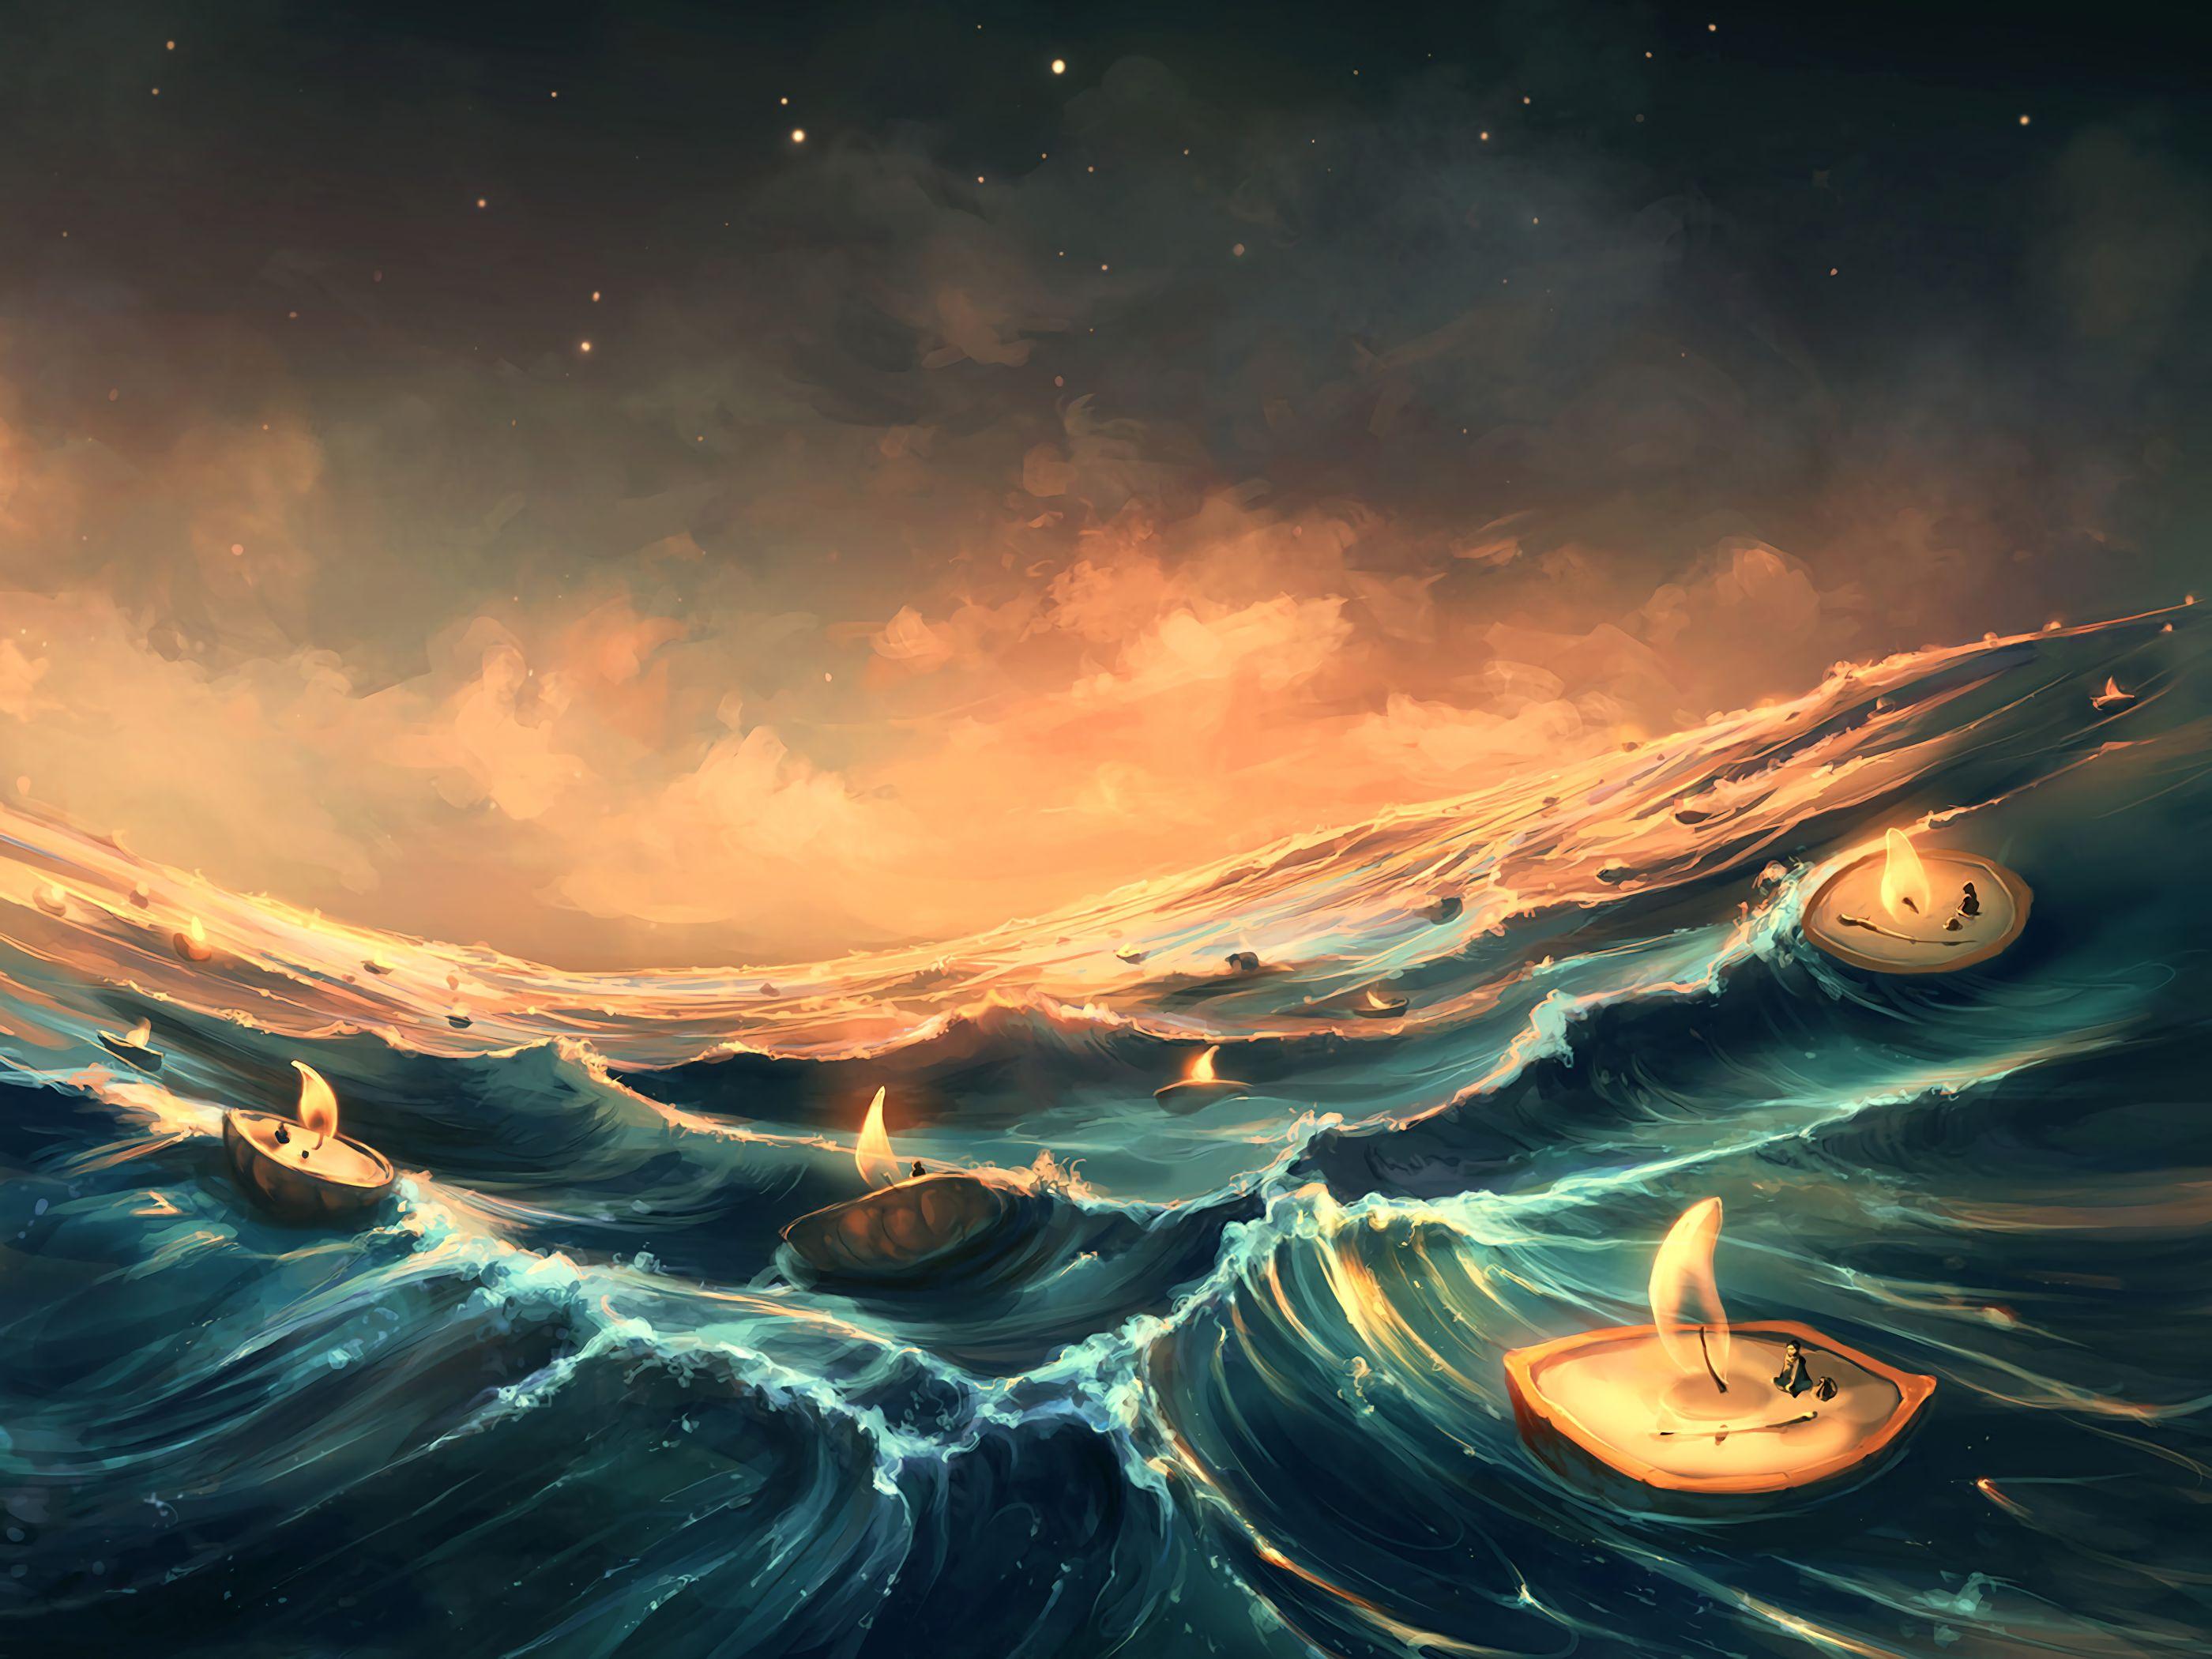 125577 Заставки и Обои Волны на телефон. Скачать Море, Свечи, Арт, Фантазия, Волны картинки бесплатно